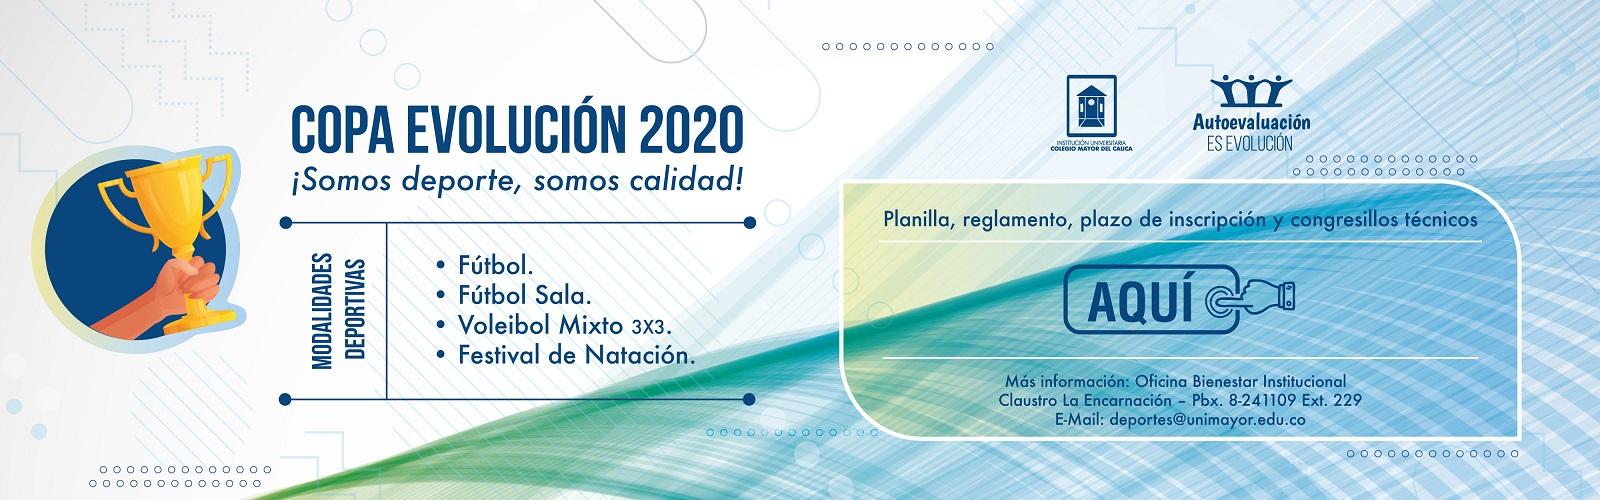 Banner_Copa_Evolucion_2020